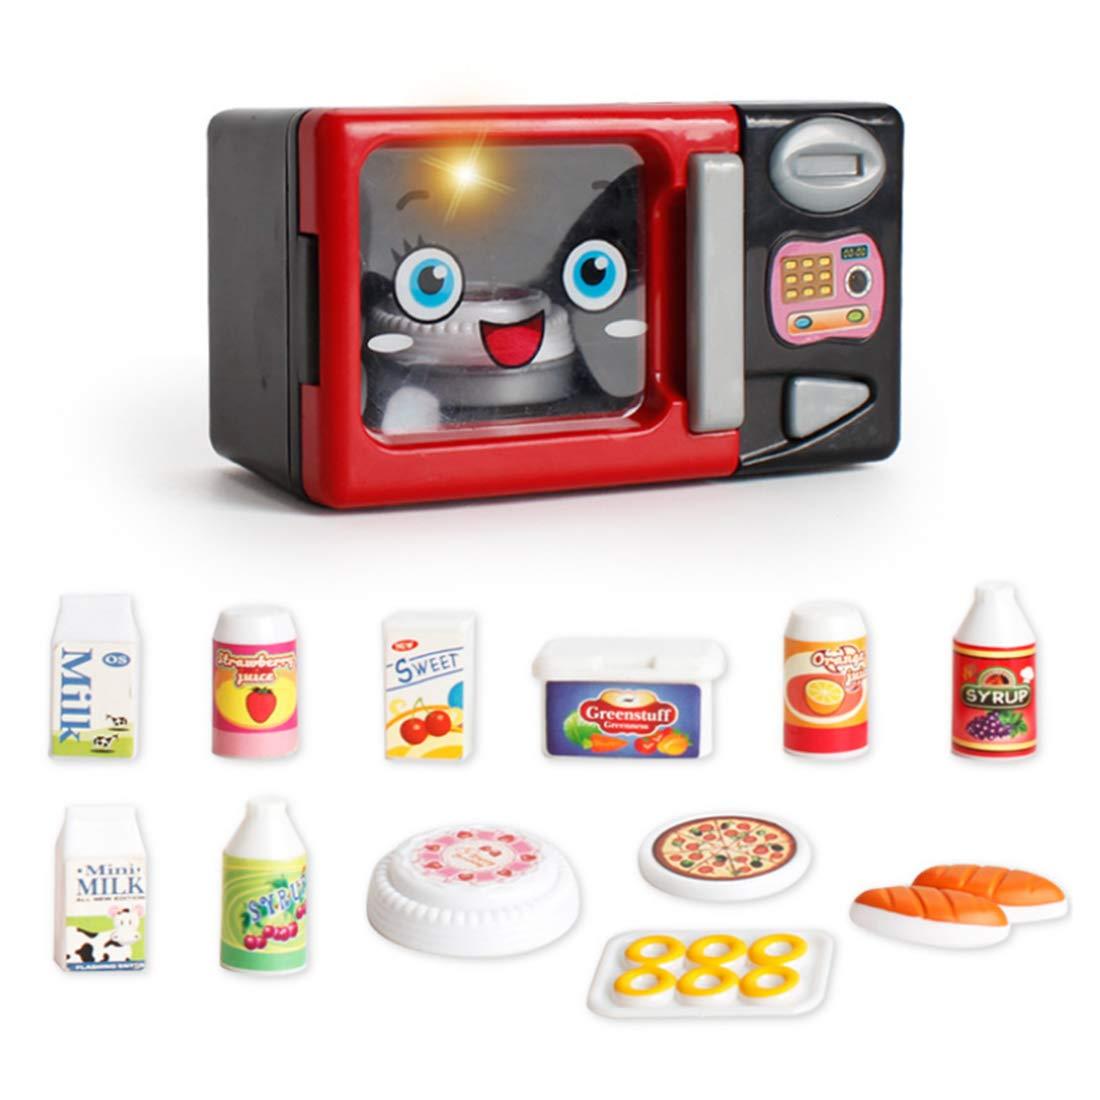 Aspirapolvere Forweilai Elettrodomestici Giocattolo Kit Cucina Giocattolo Set Adorabile Regalo per Bambini